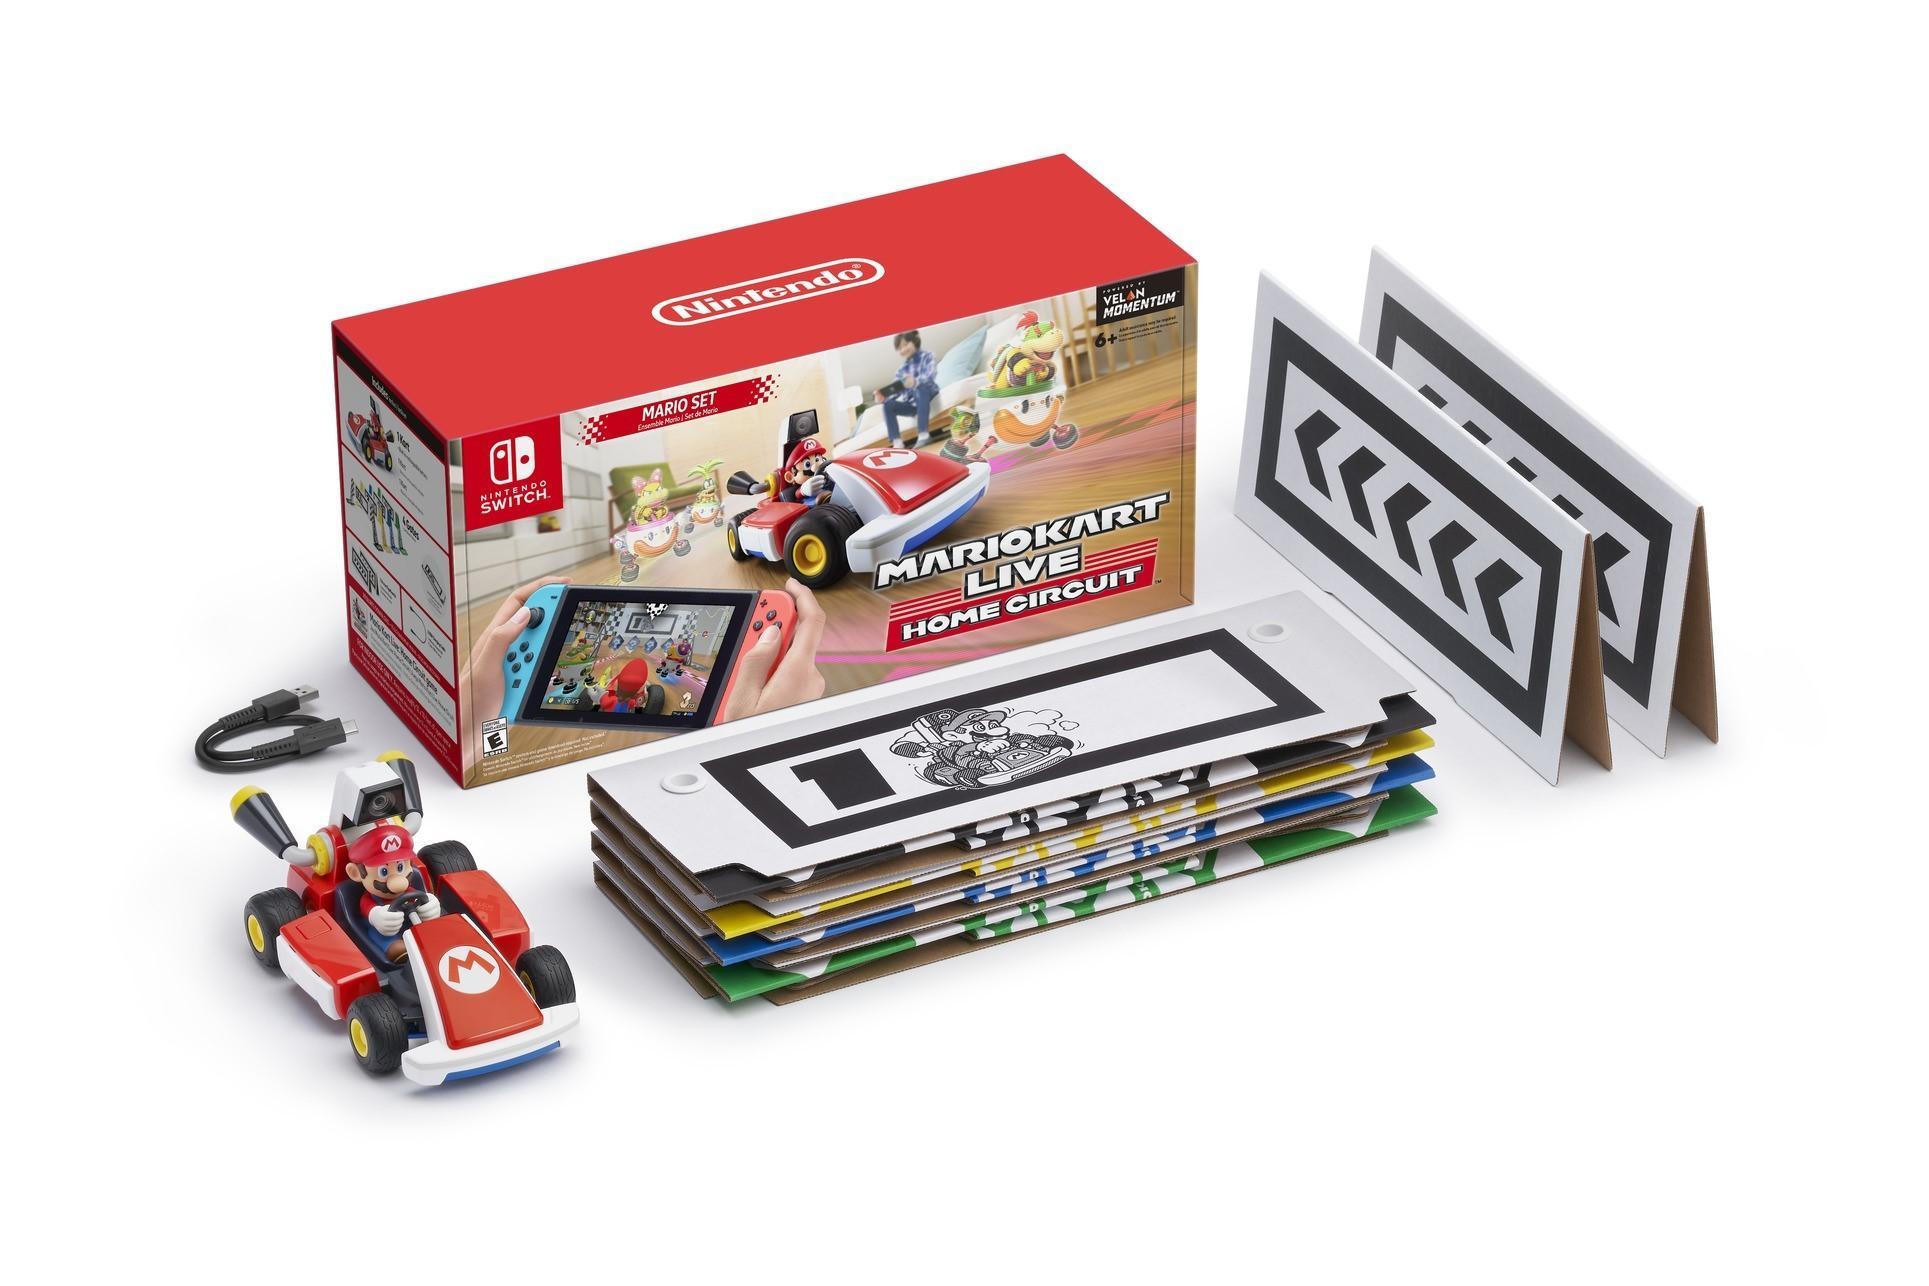 Подробности Mario Kart Live: Home Circuit - покрытие для гонок, время автономной работы и многое другое. 2